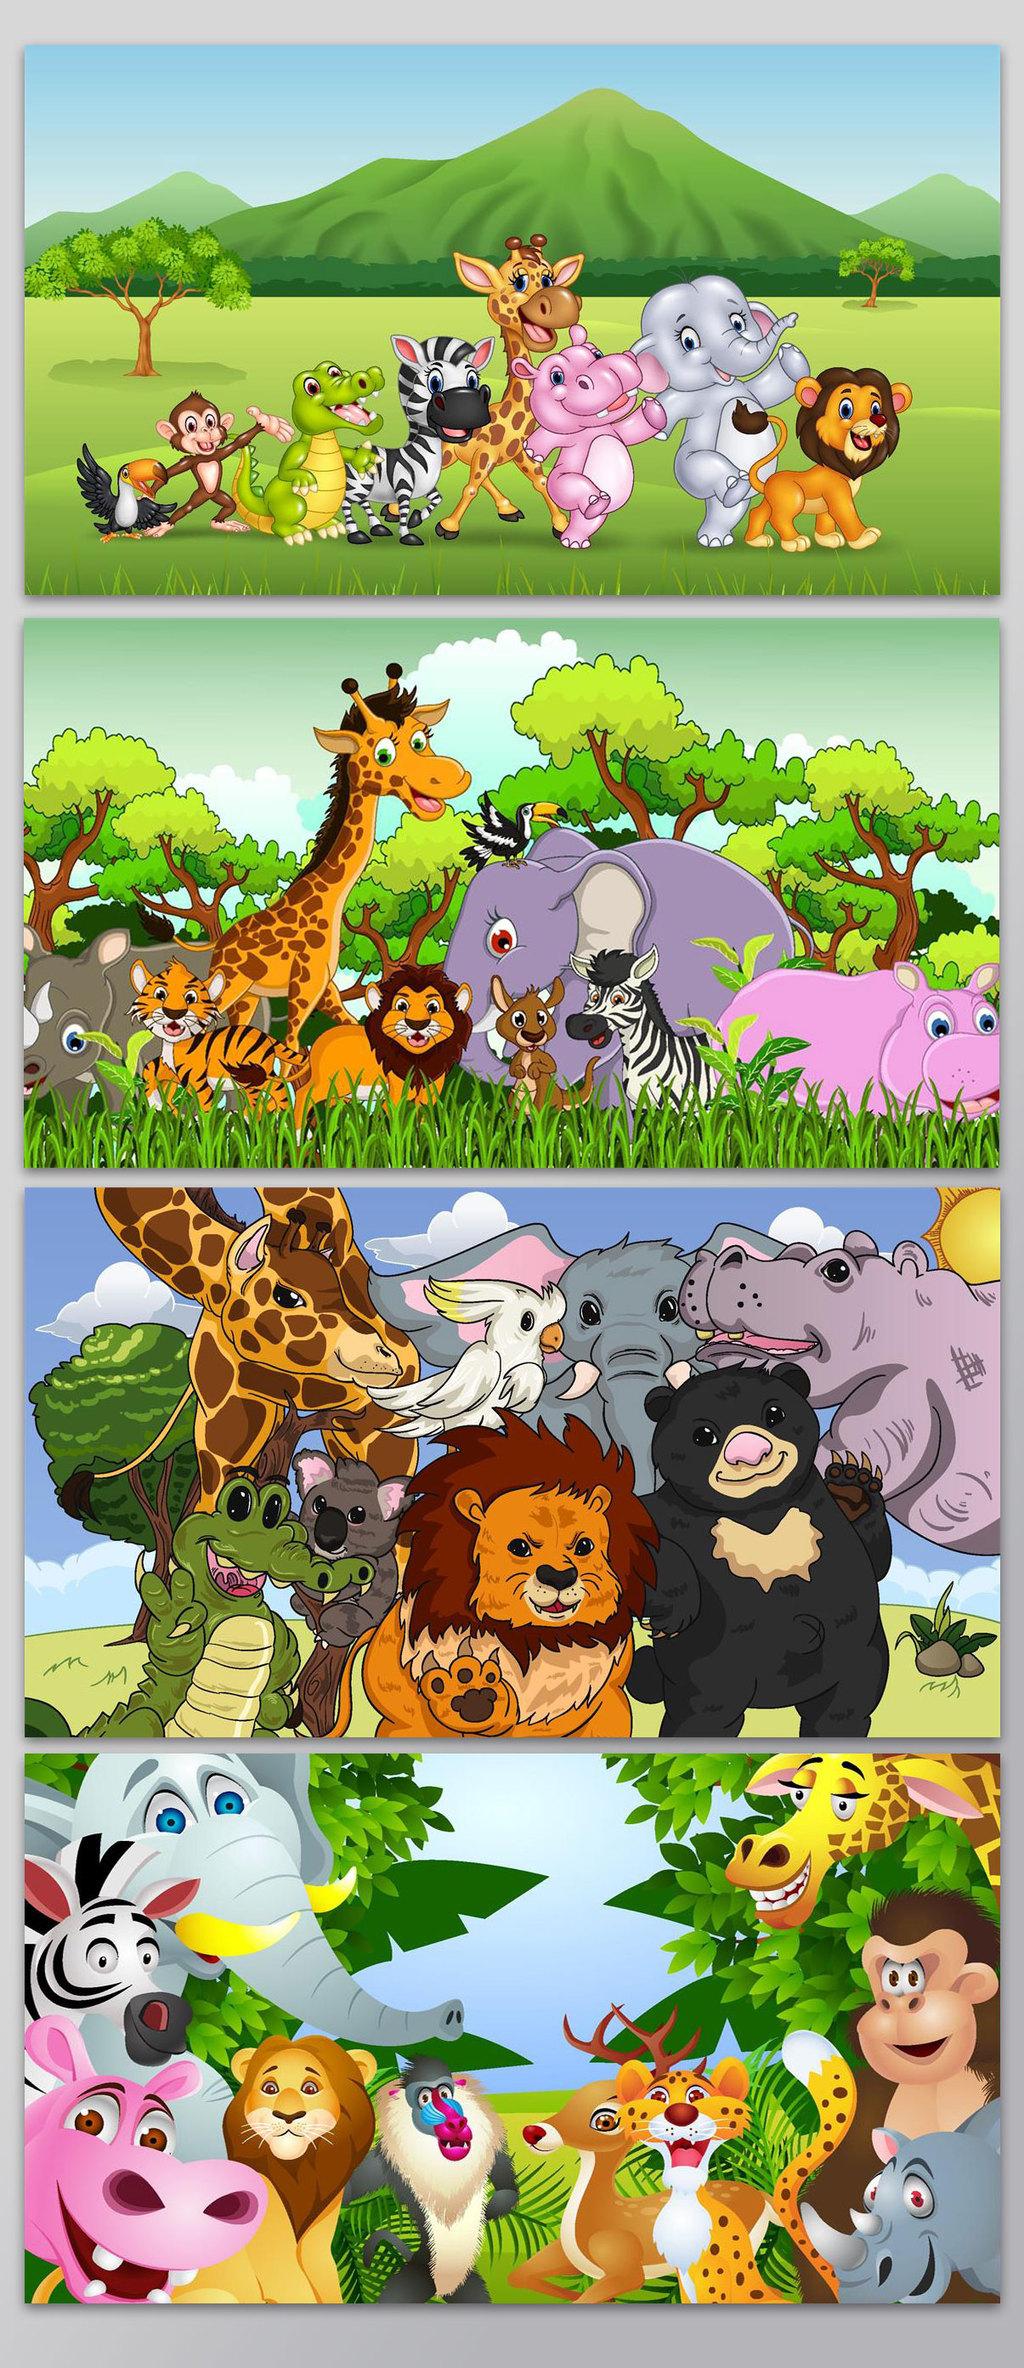 卡爱卡通森林小动物